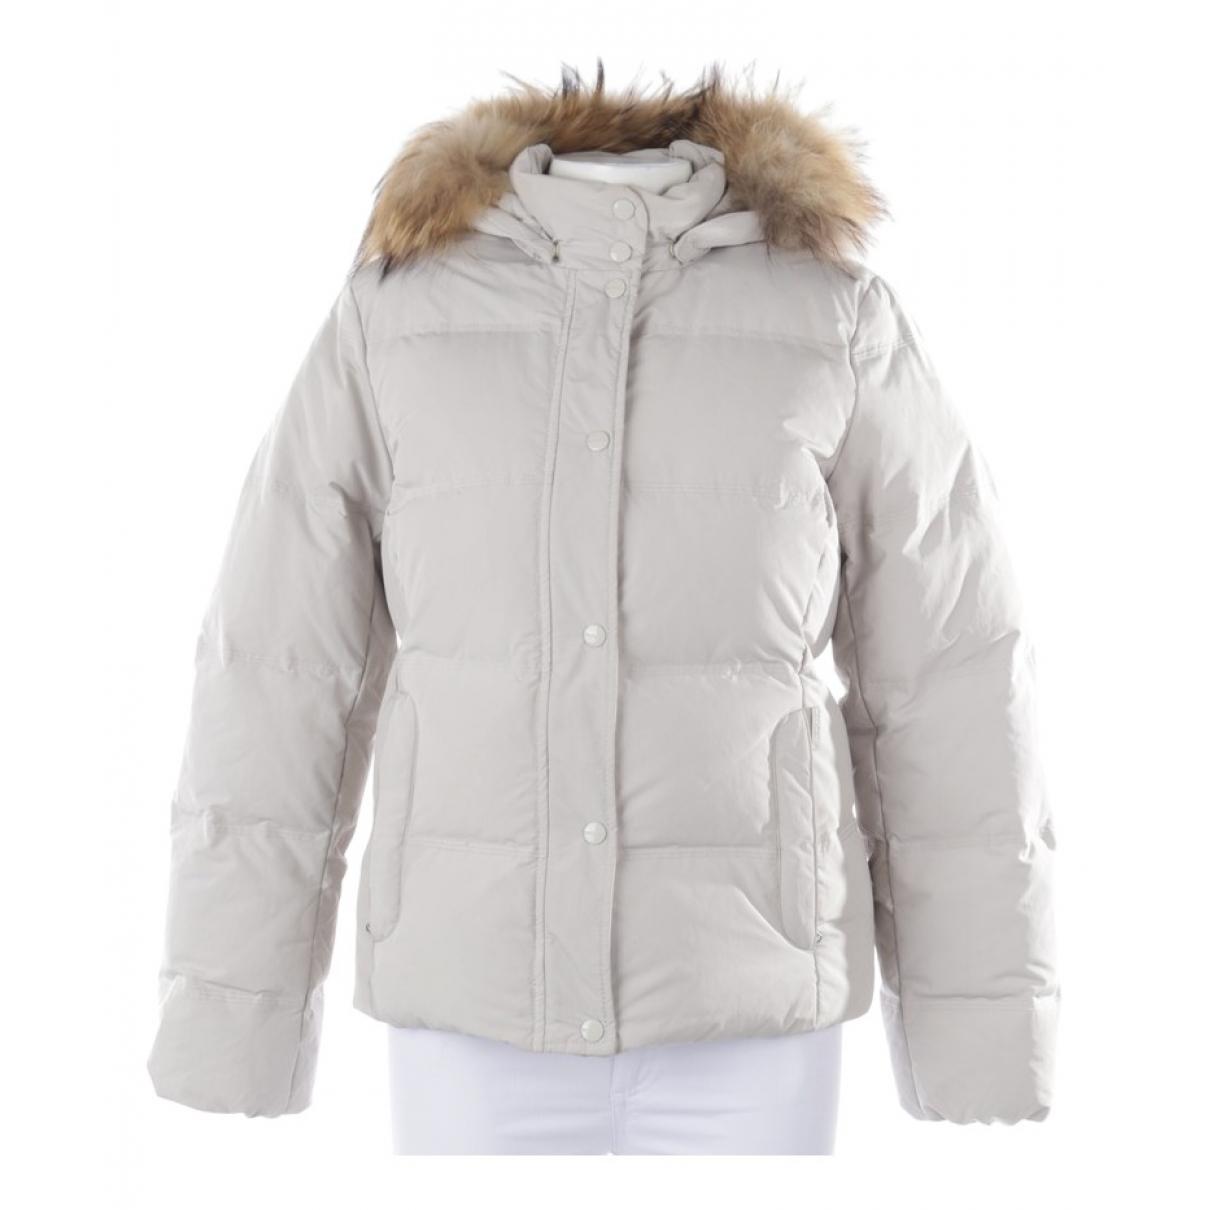 Woolrich \N Beige jacket for Women L International